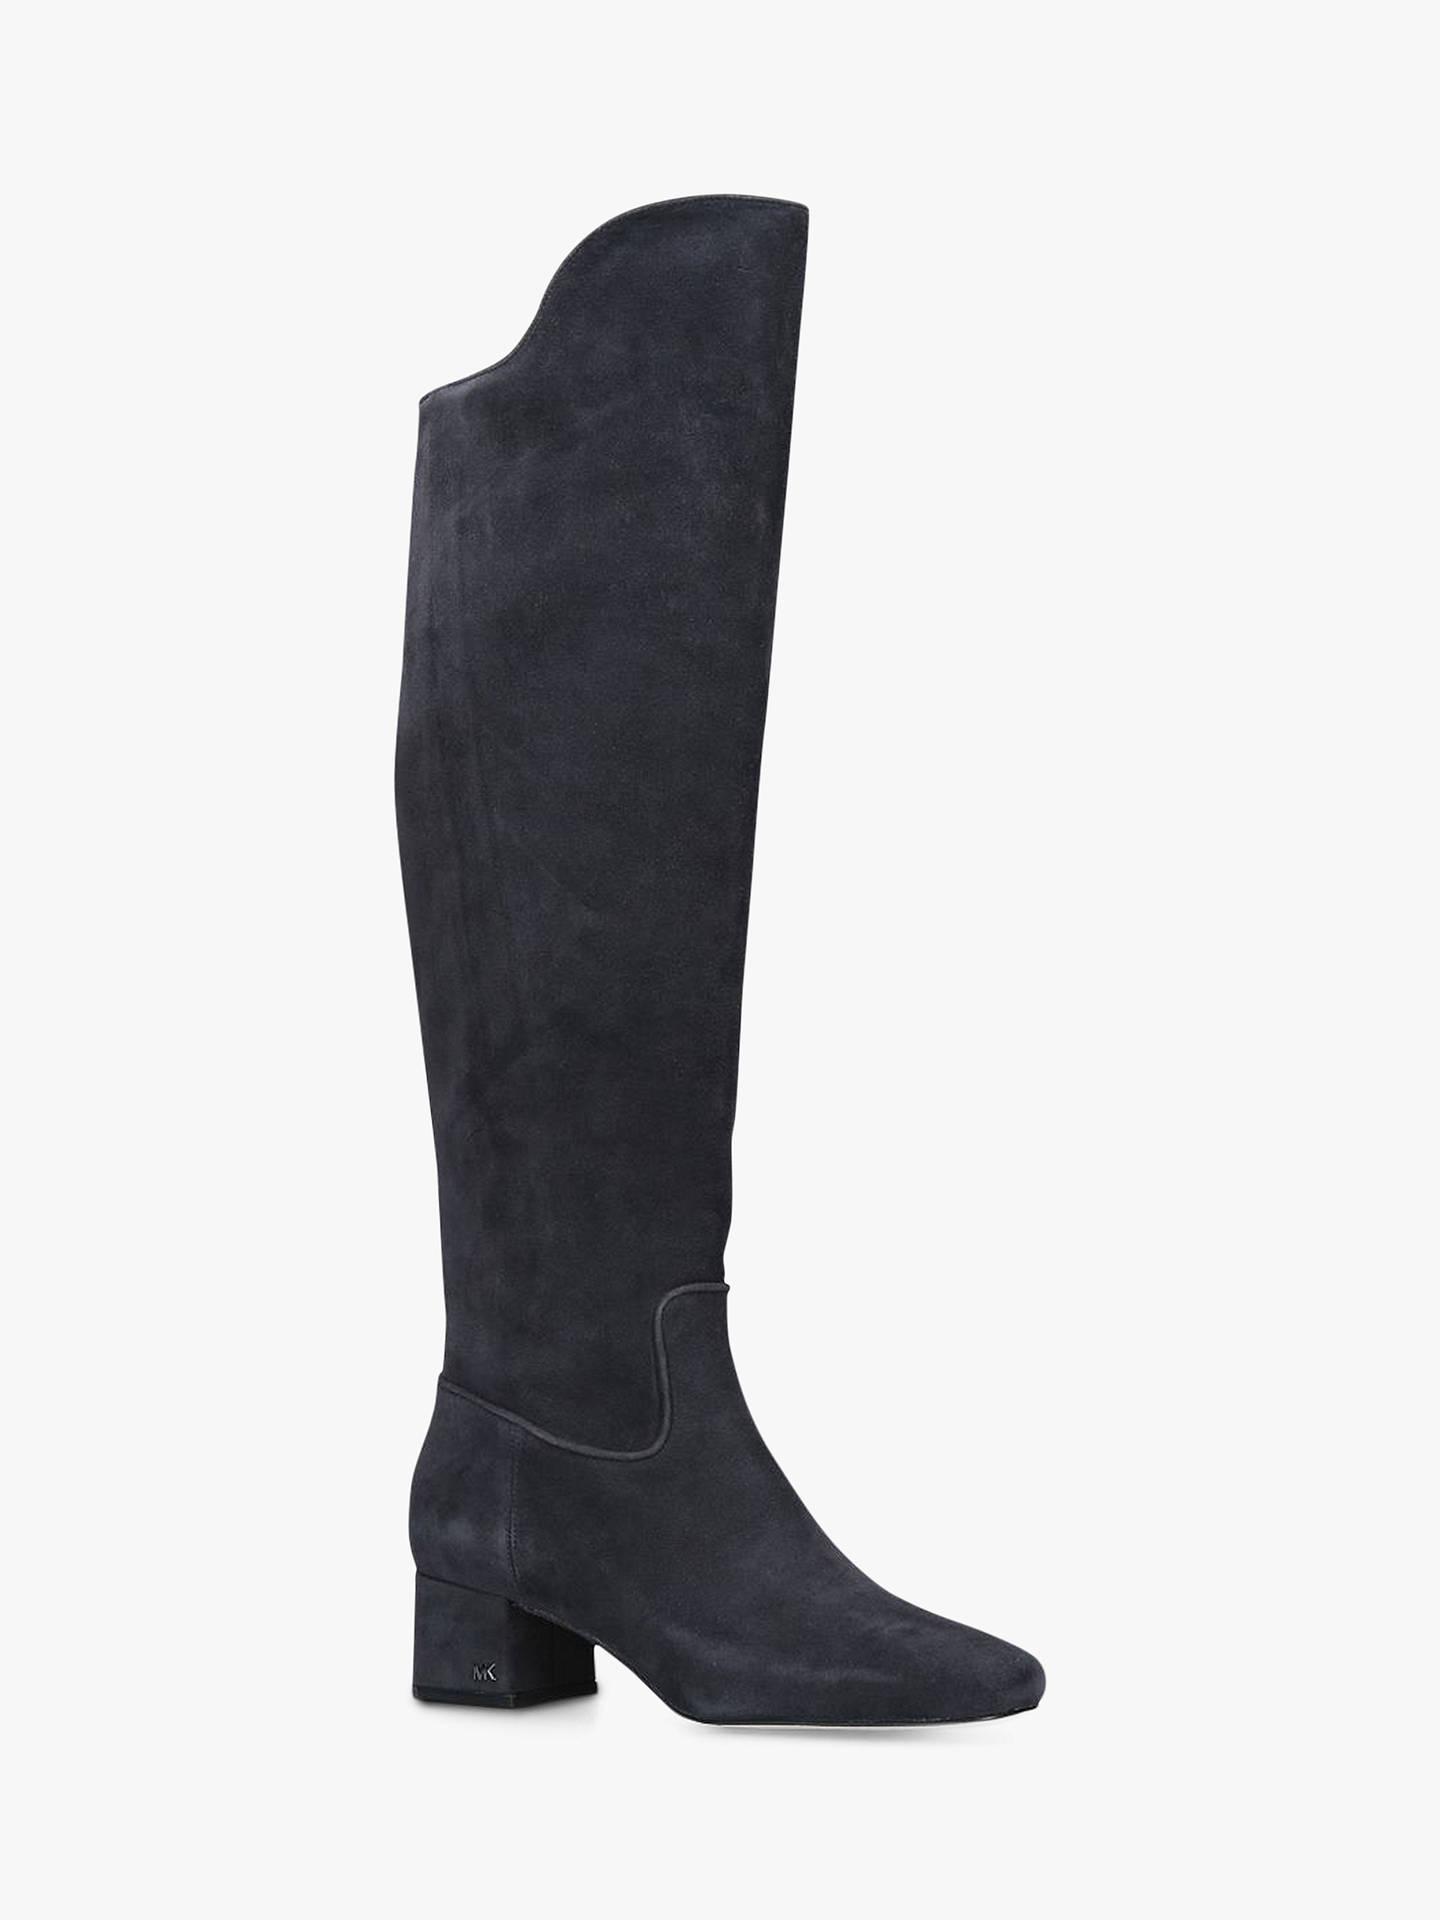 1a172d43a2e4 ... Buy MICHAEL Michael Kors Blaine Block Heel Knee Boots